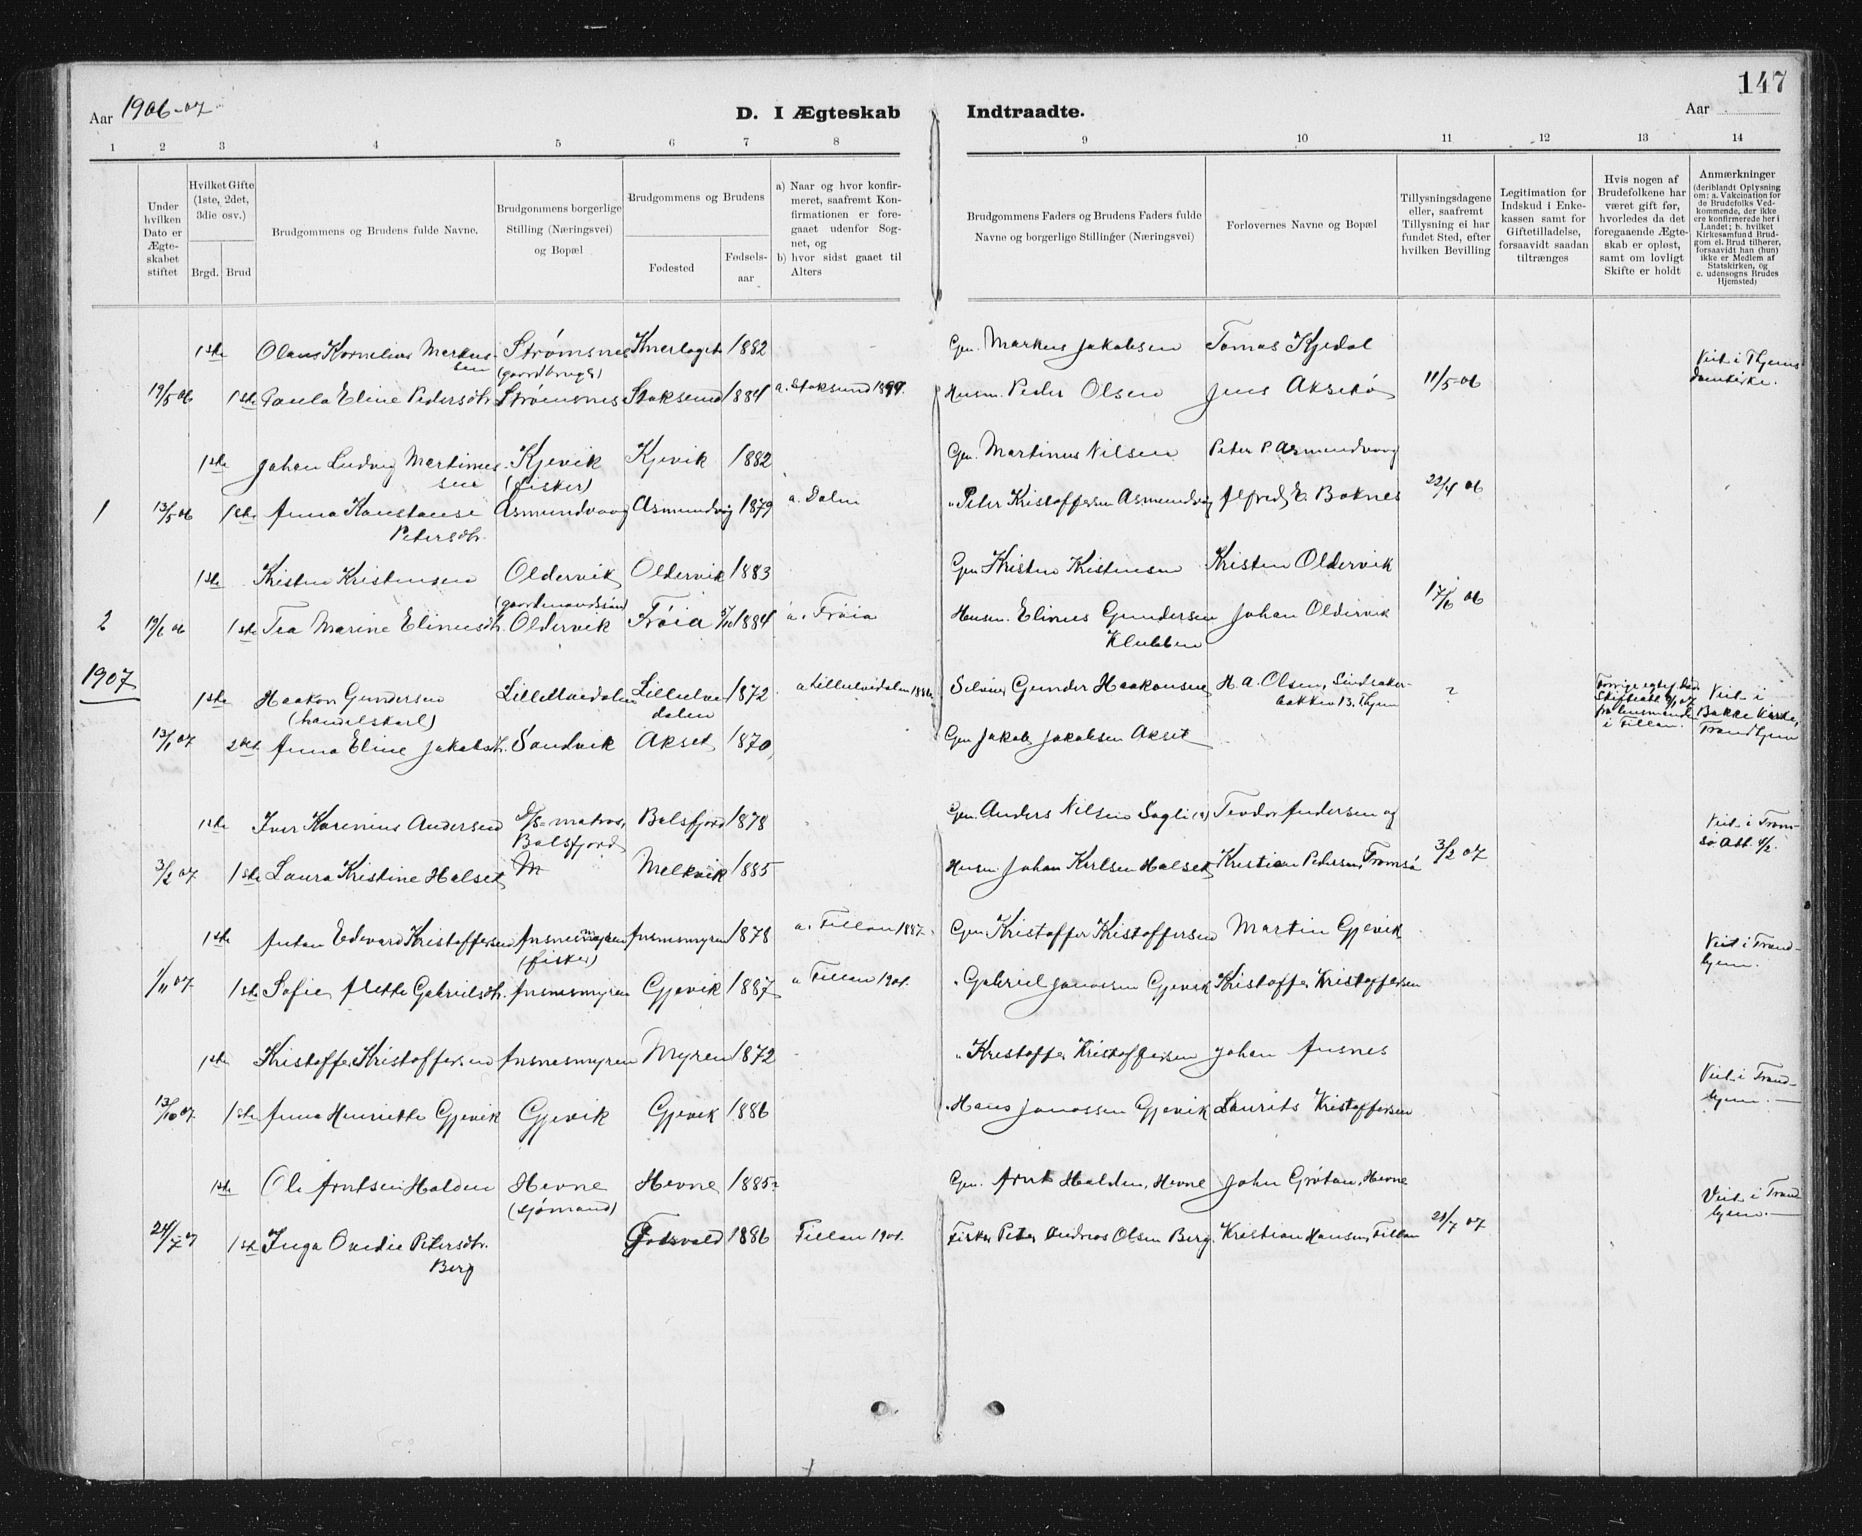 SAT, Ministerialprotokoller, klokkerbøker og fødselsregistre - Sør-Trøndelag, 637/L0563: Klokkerbok nr. 637C04, 1899-1940, s. 147